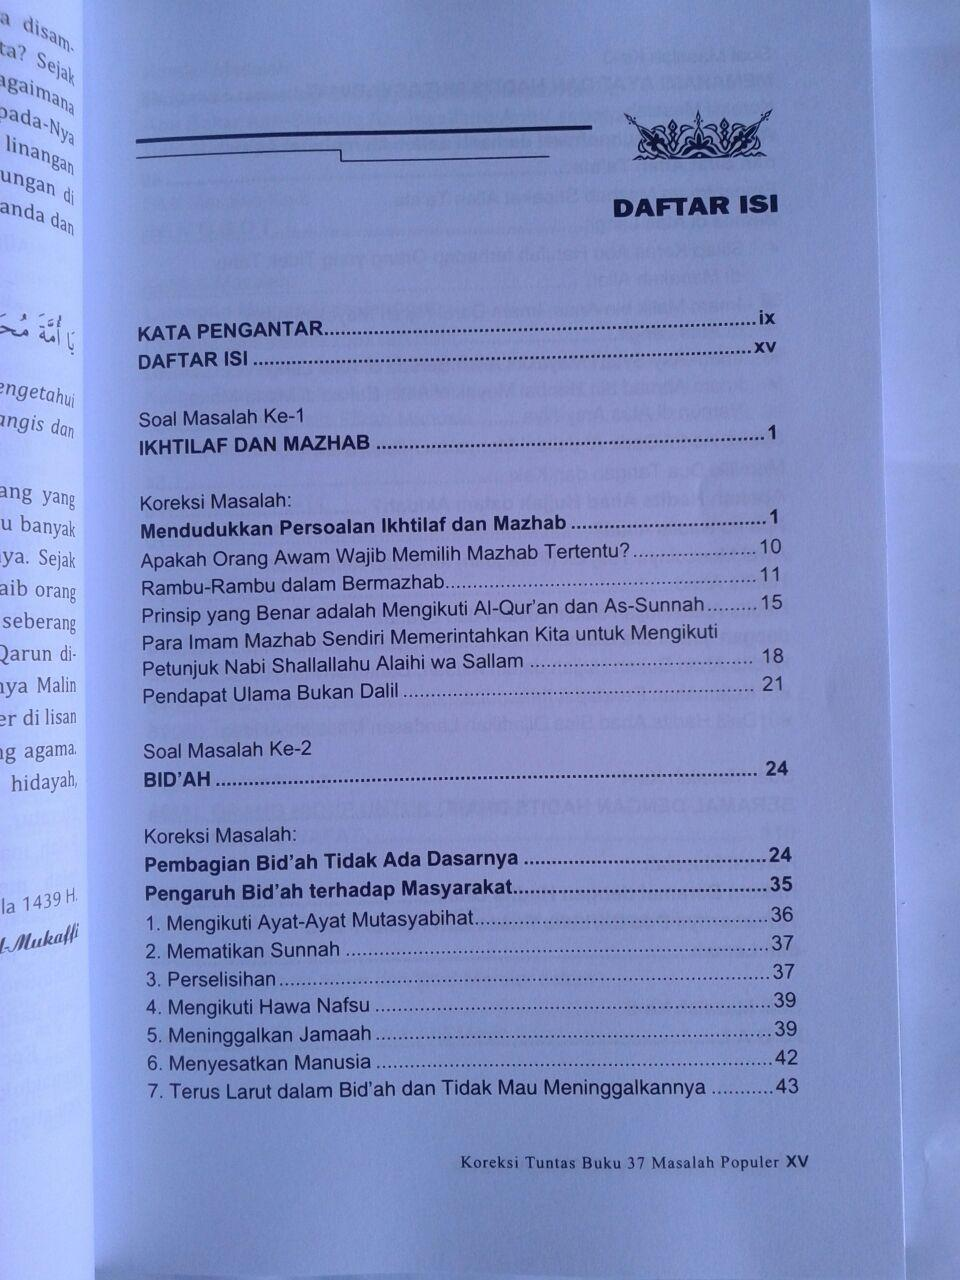 Buku Koreksi Tuntas Buku 37 Masalah Populer isi 2